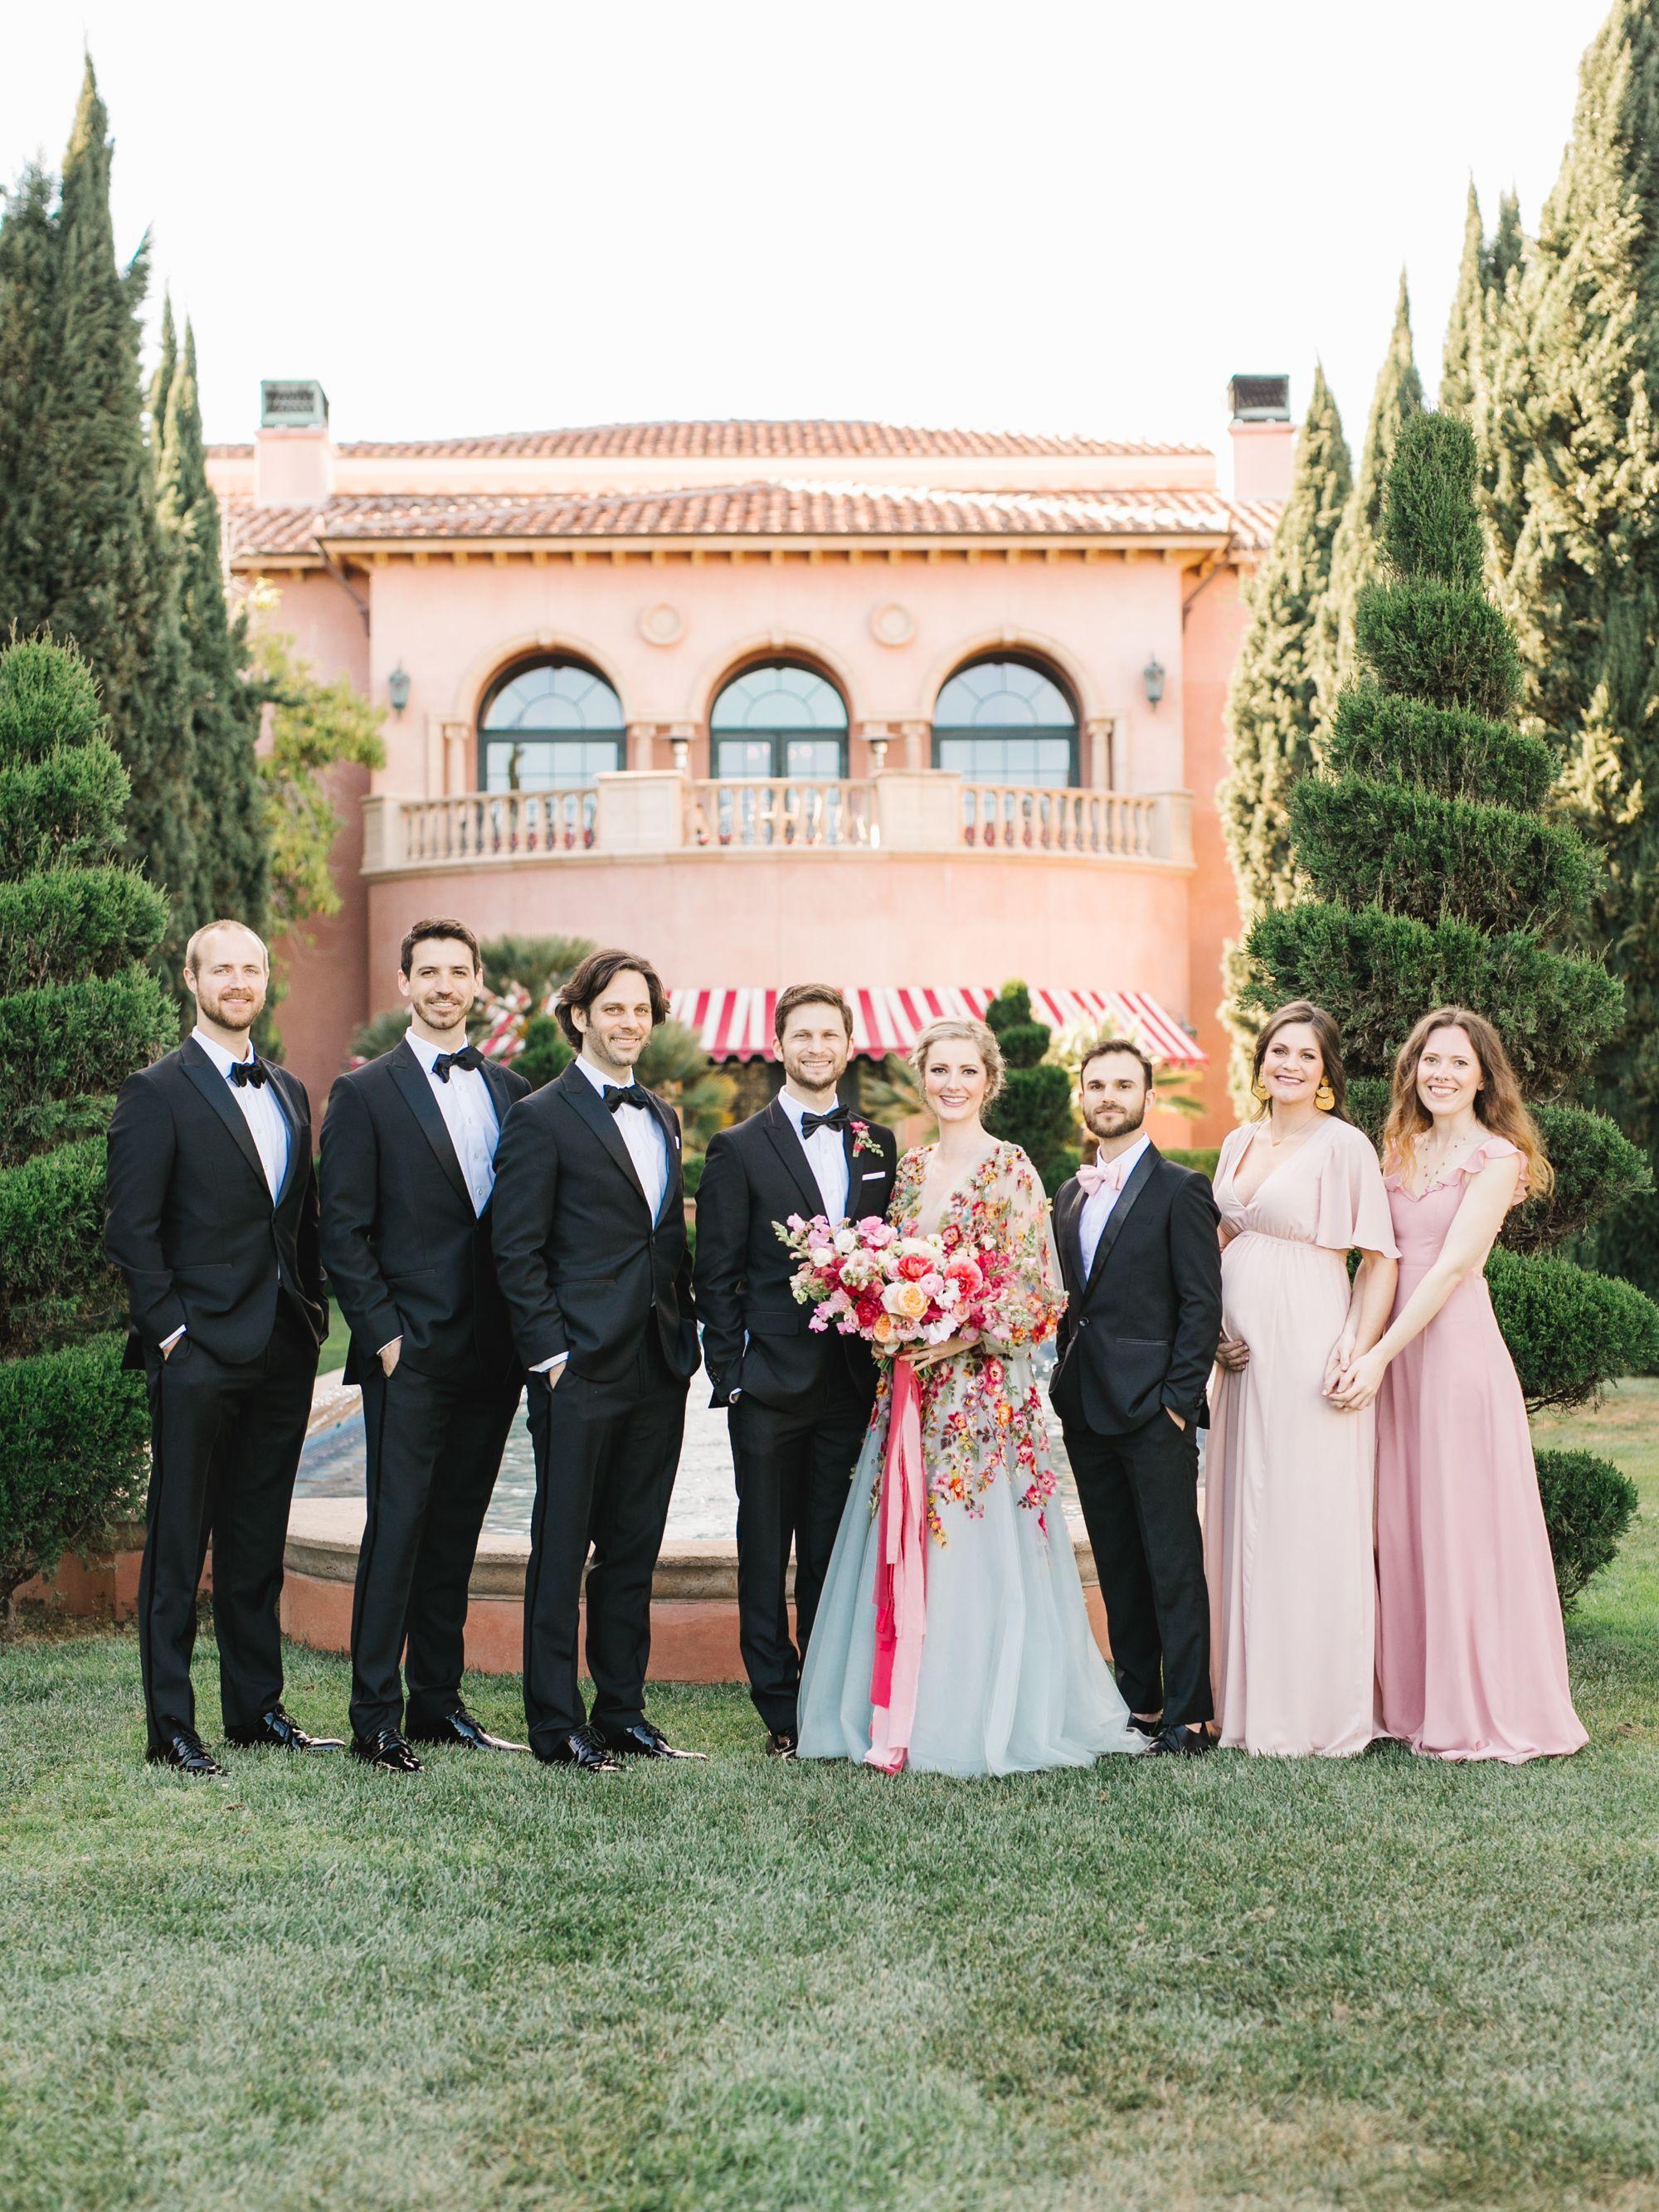 Black Tie Wedding Party Portraits Fairmont Grand Del Mar Compass Floral Wedding Florist In San Diego And Wedding Wedding Parties Pictures Wedding Dresses